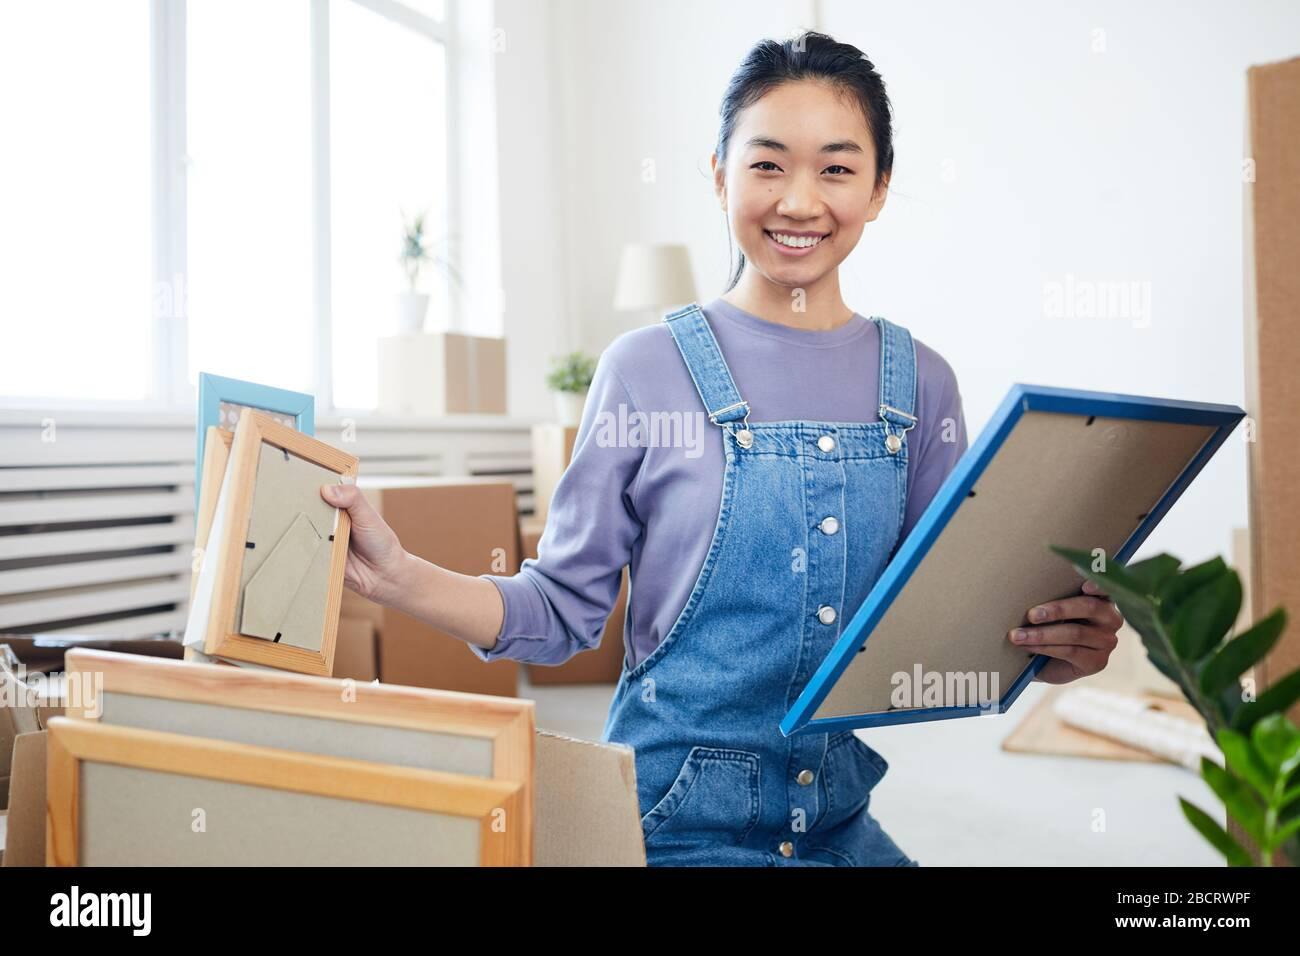 Retrato de una mujer asiática joven embalando cajas y sonriendo en la cámara entusiasmada por moverse a casa nueva o apartamento, copiar espacio Foto de stock